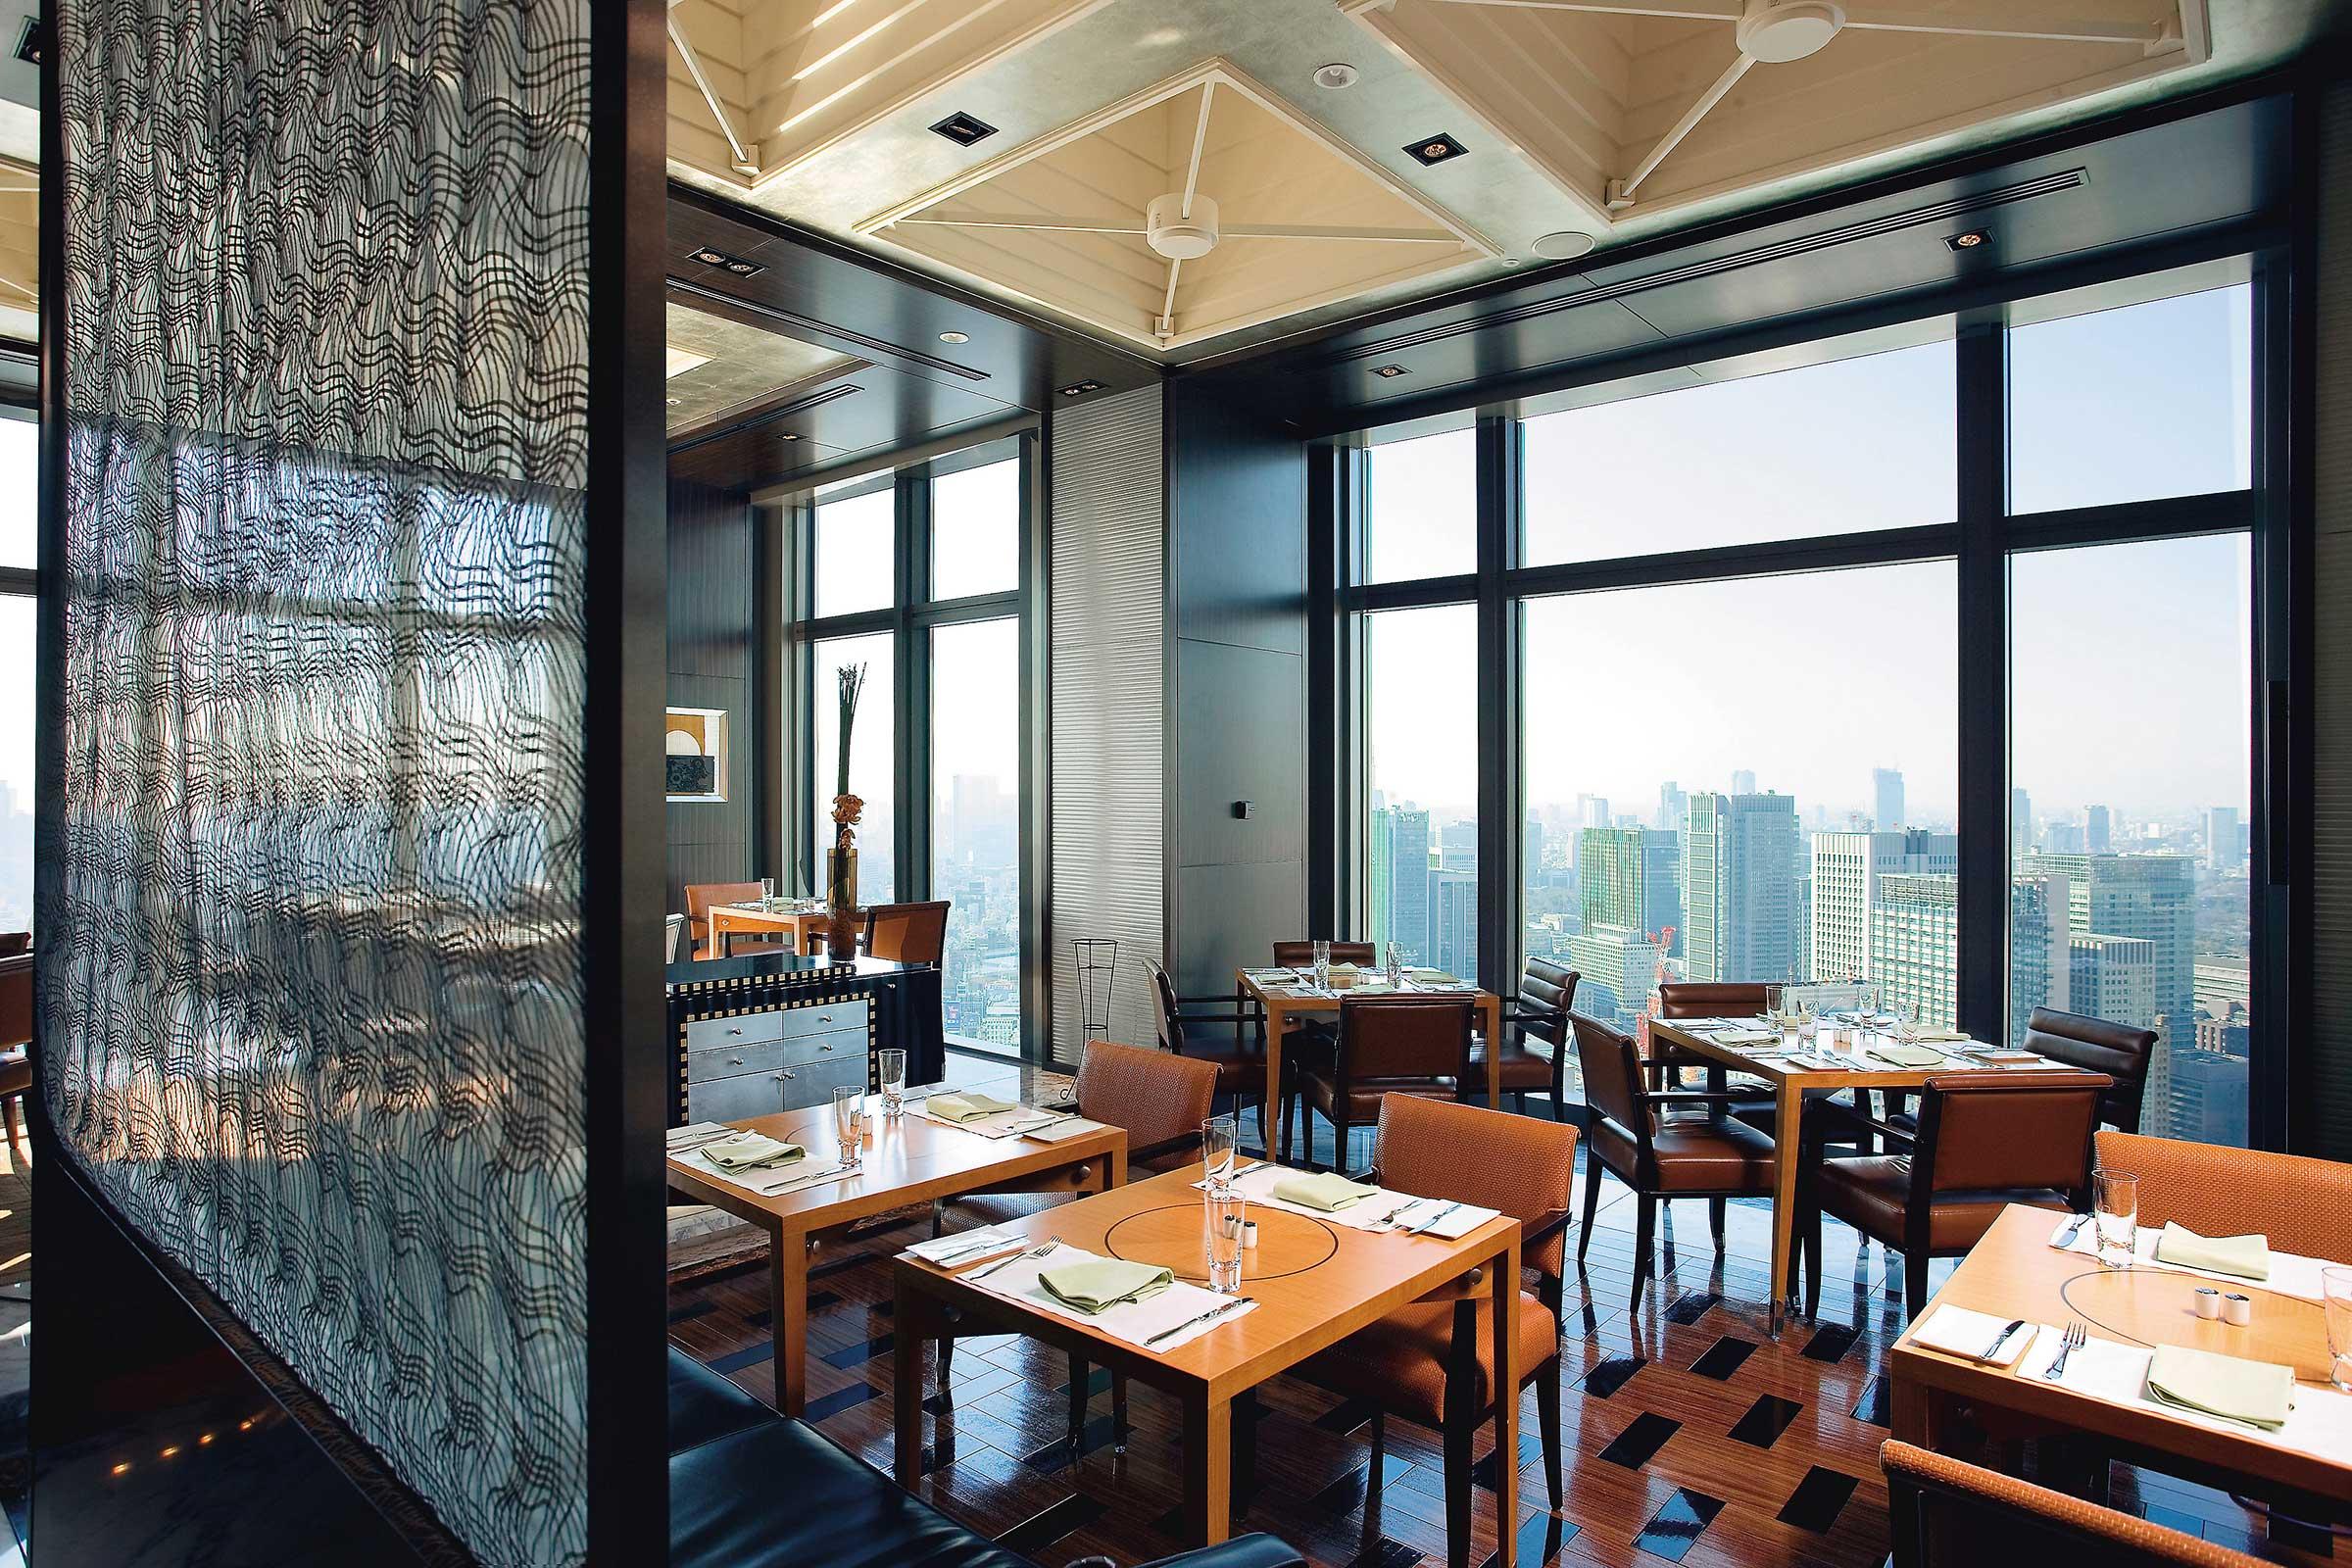 tokyo-restaurant-kshiki-restaurant-04.jpg